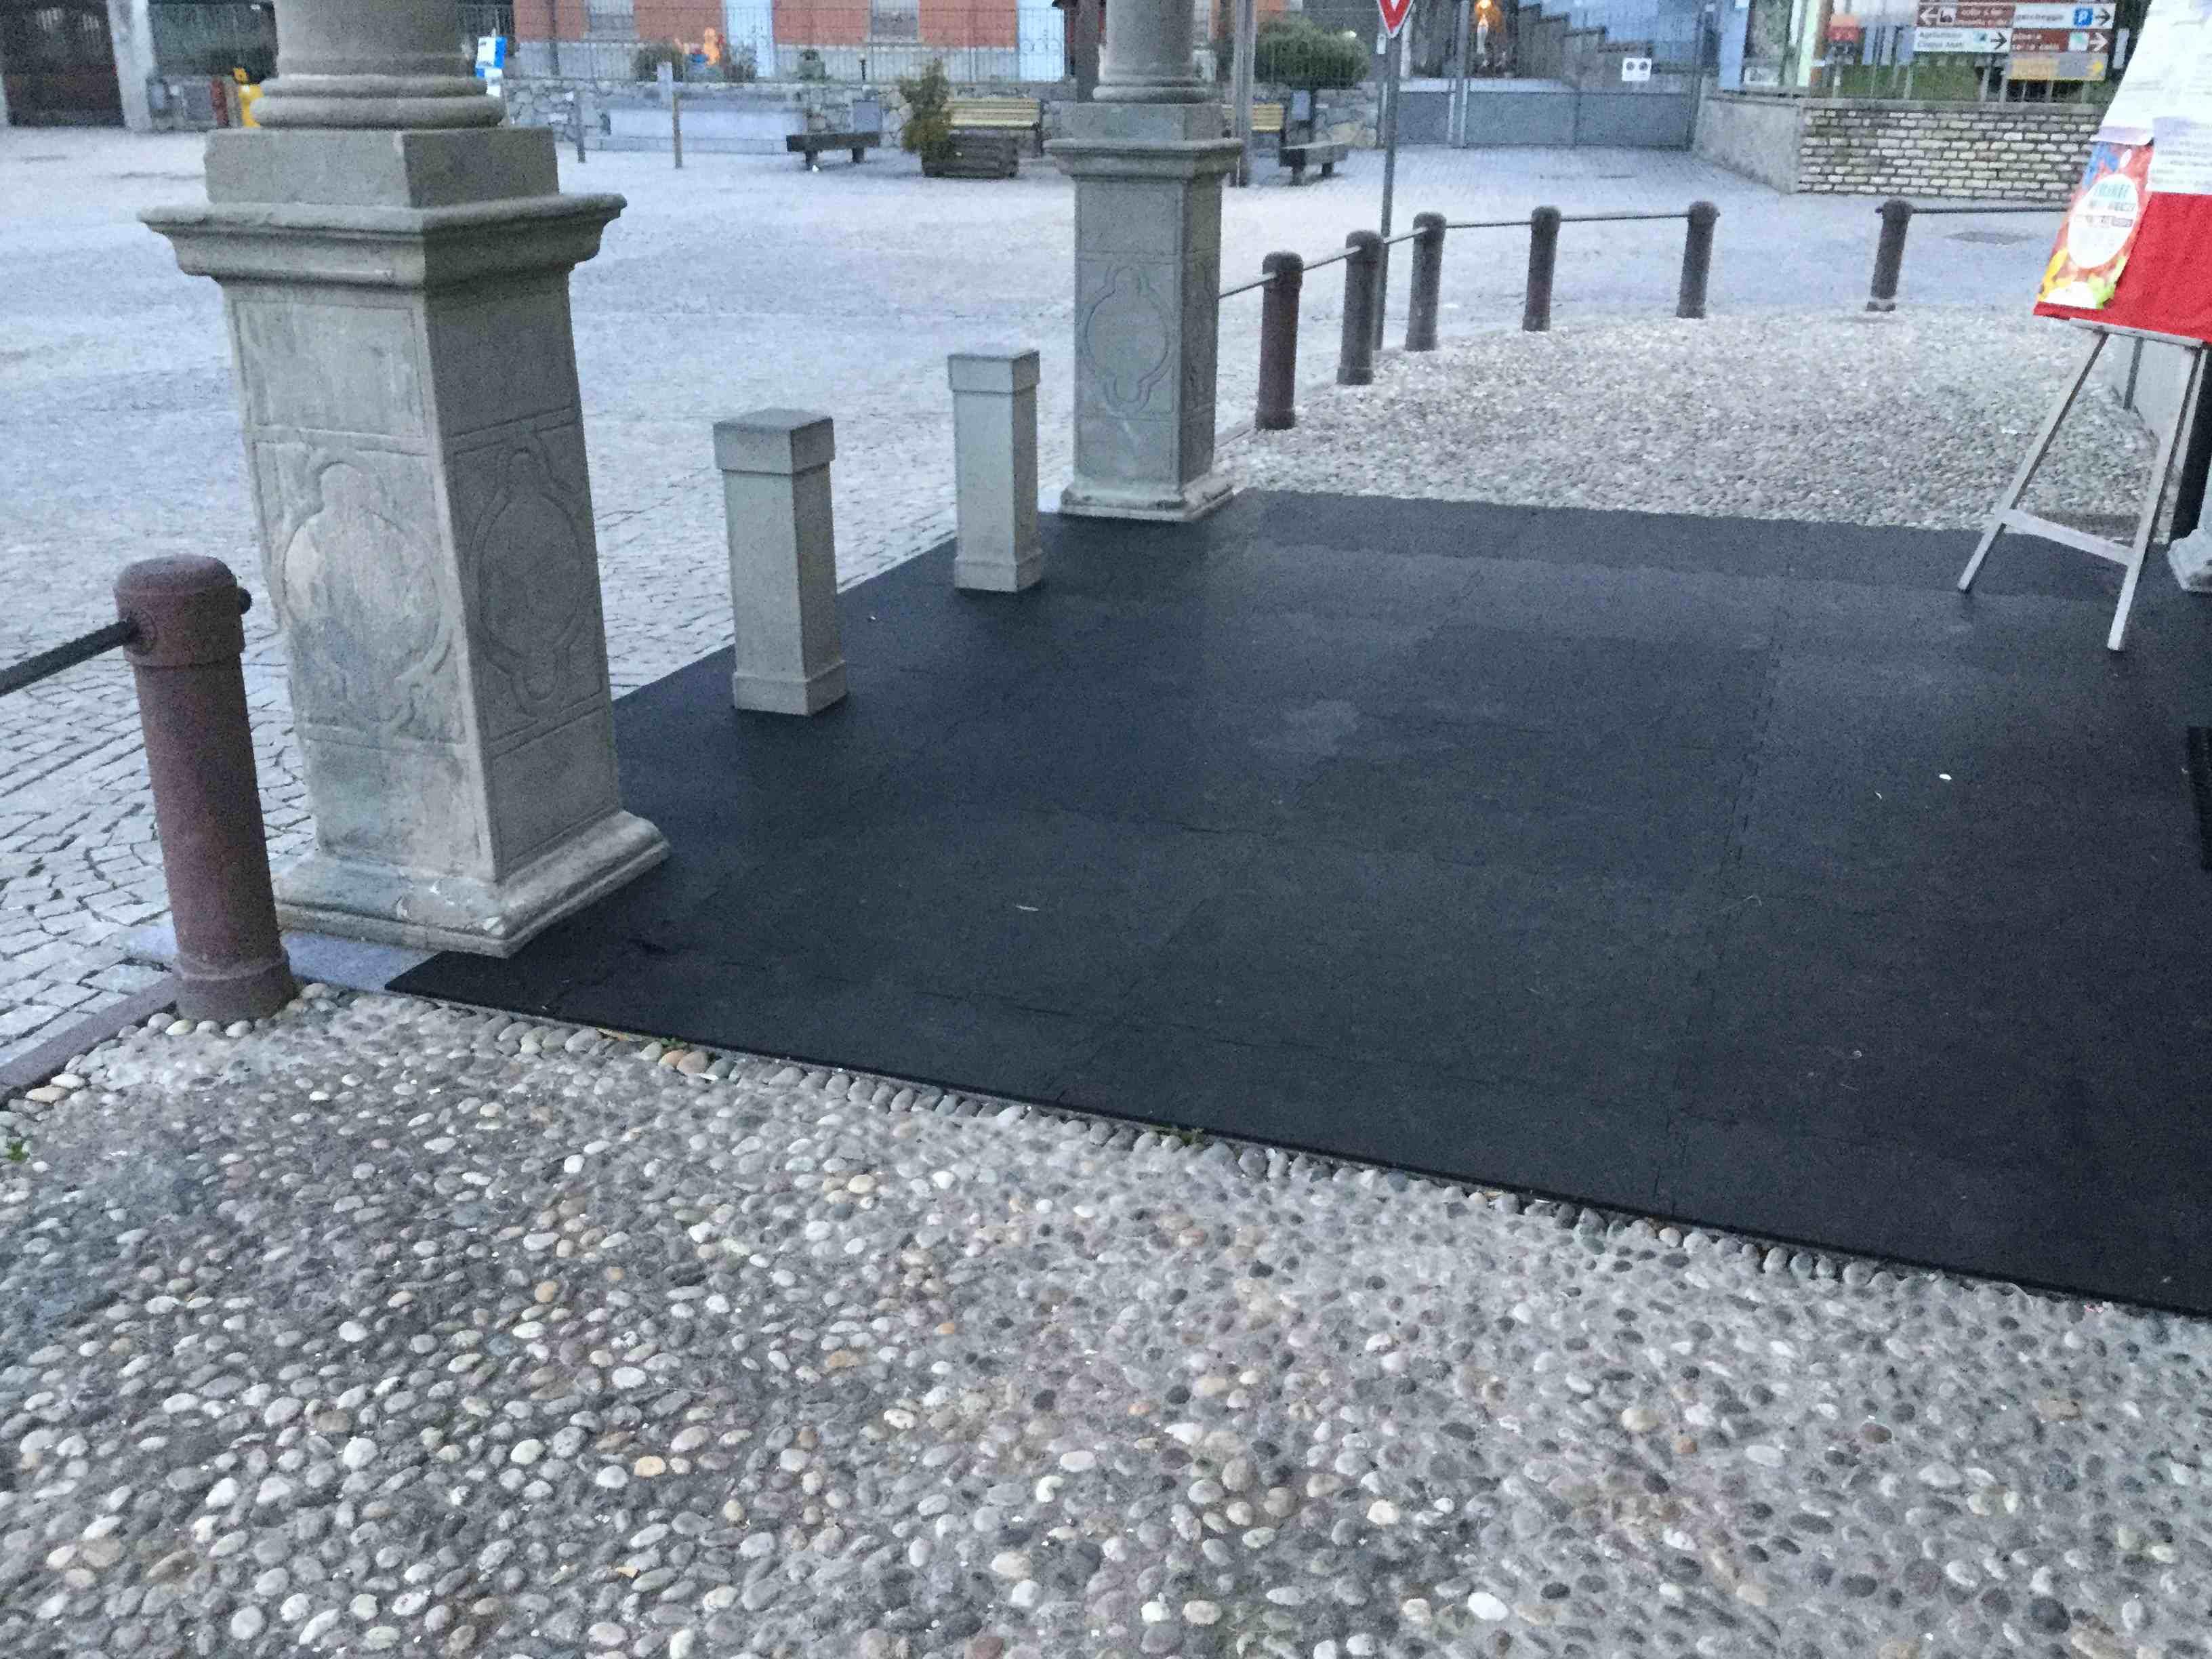 Pavimento in pvc e gomma per giardini terrazze camminamenti esterni